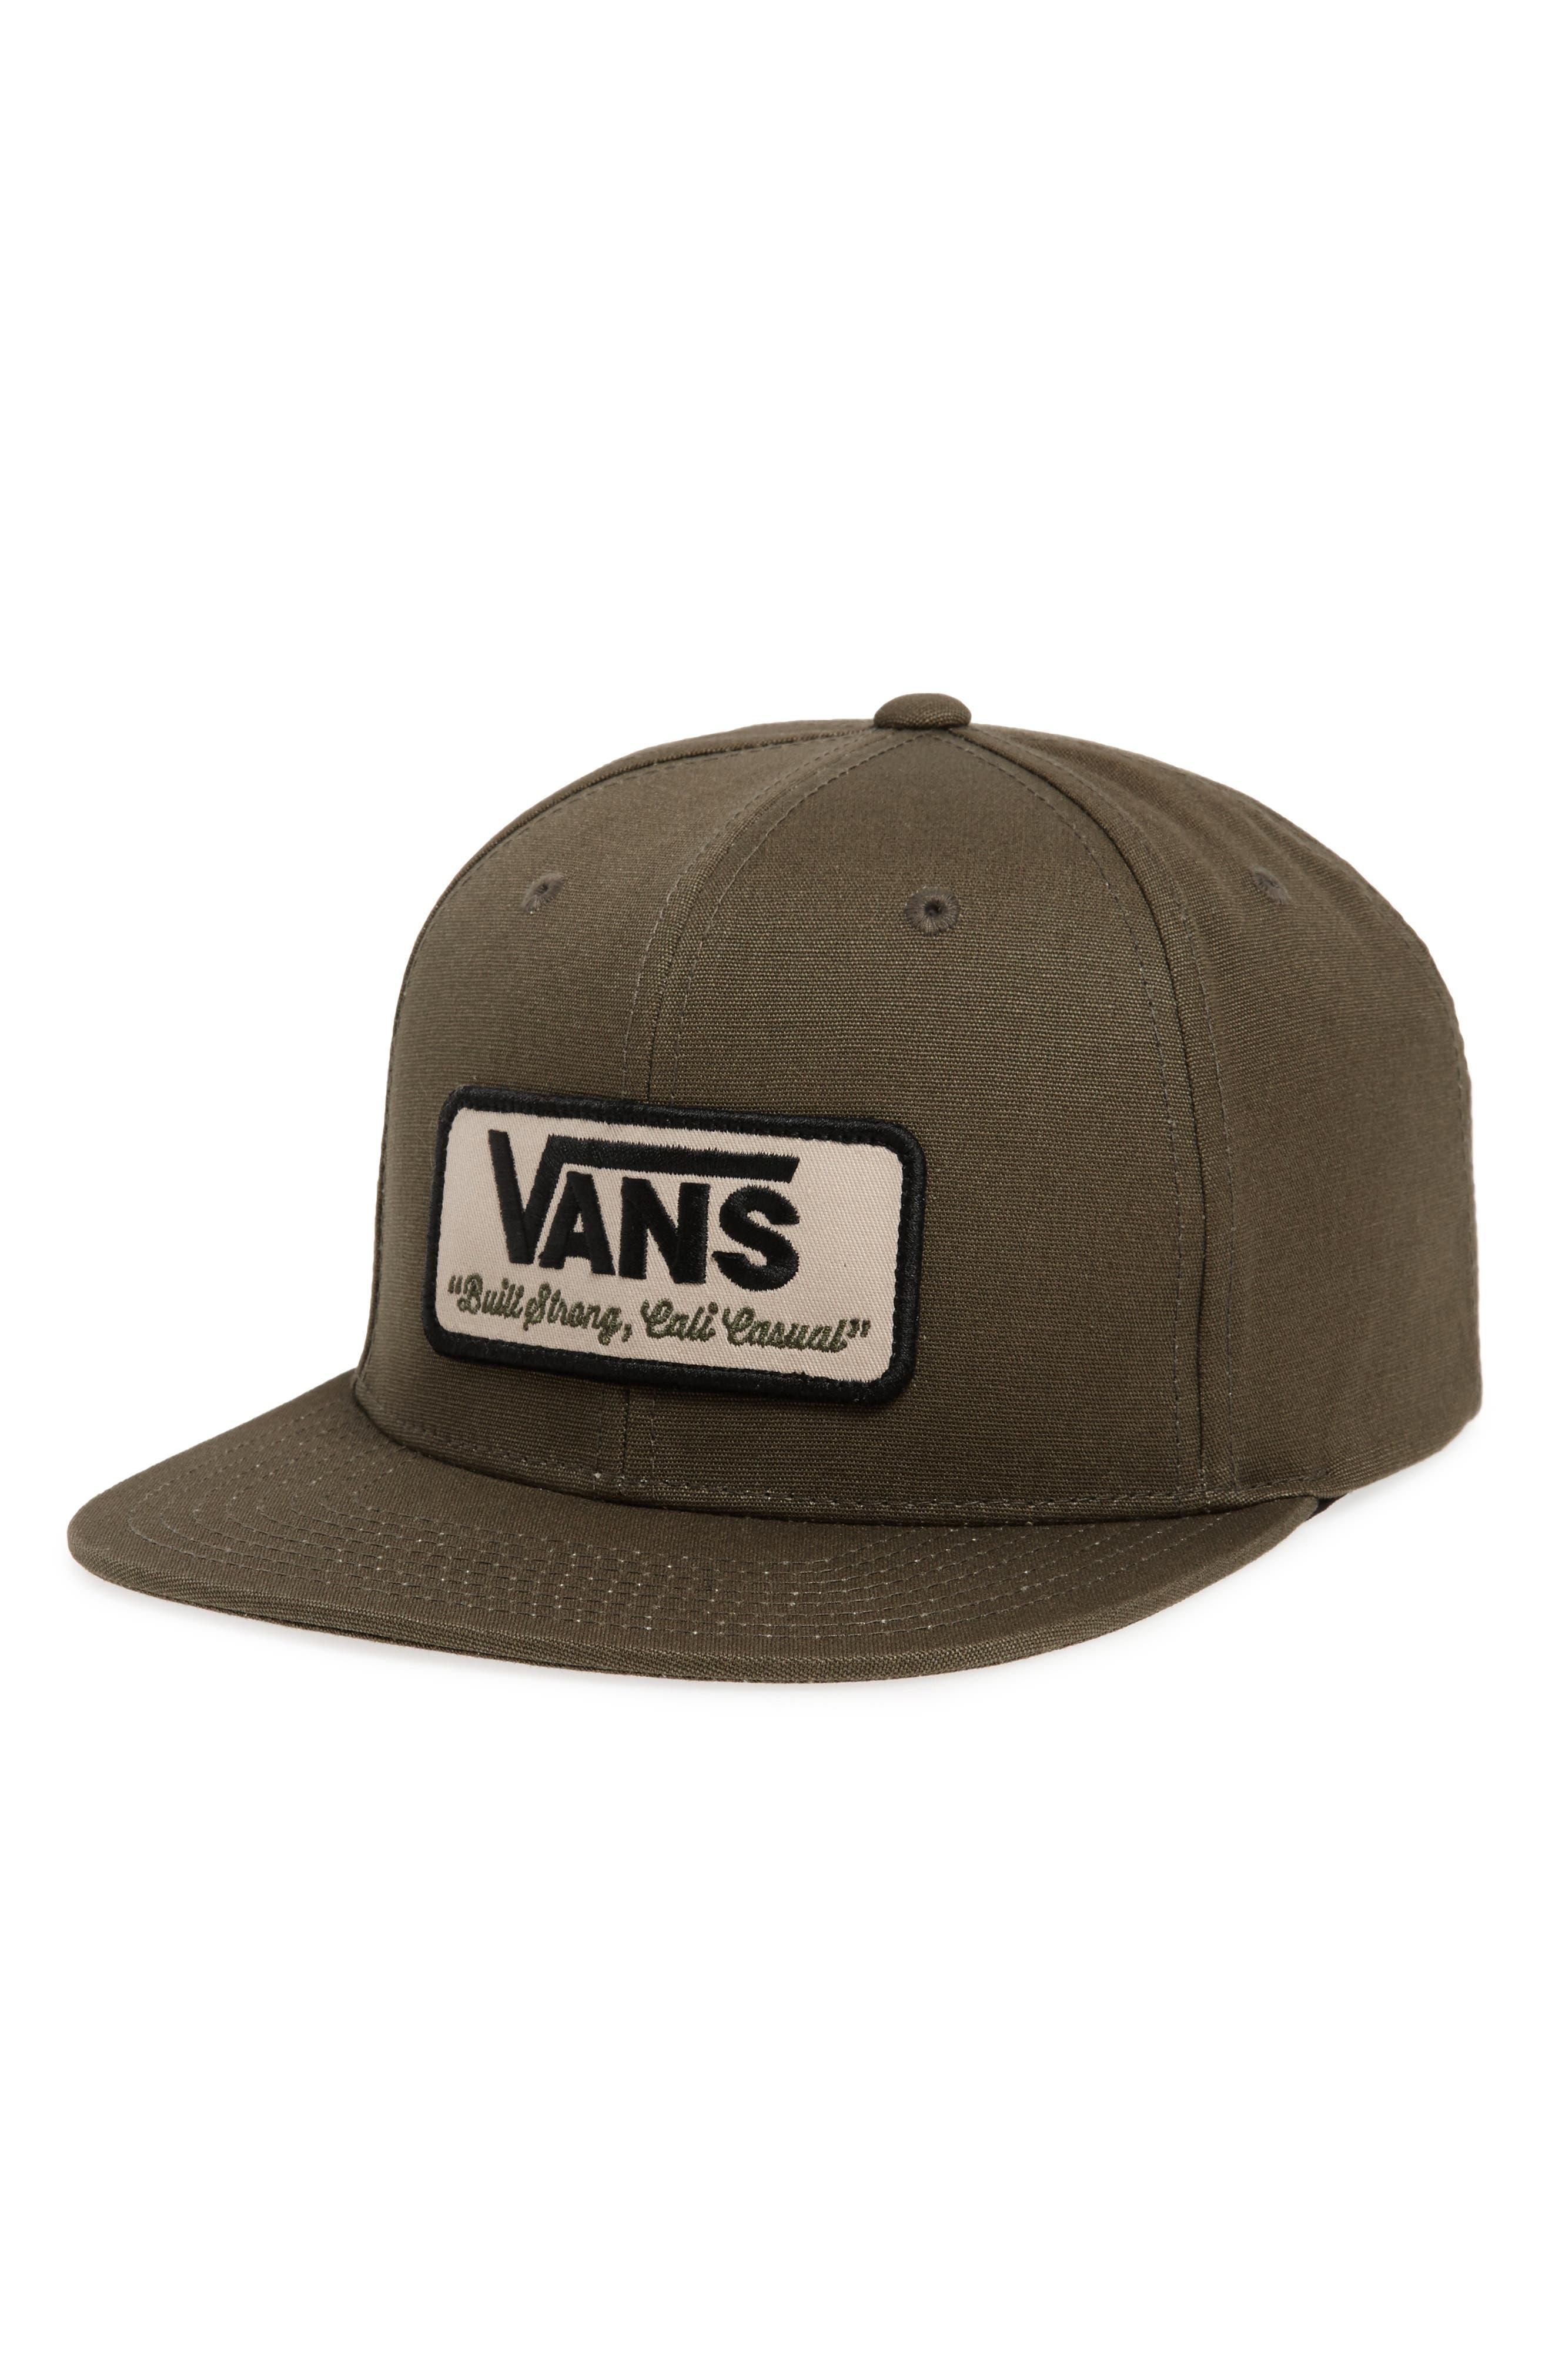 Alternate Image 1 Selected - Vans 'Rowley' Snapback Hat